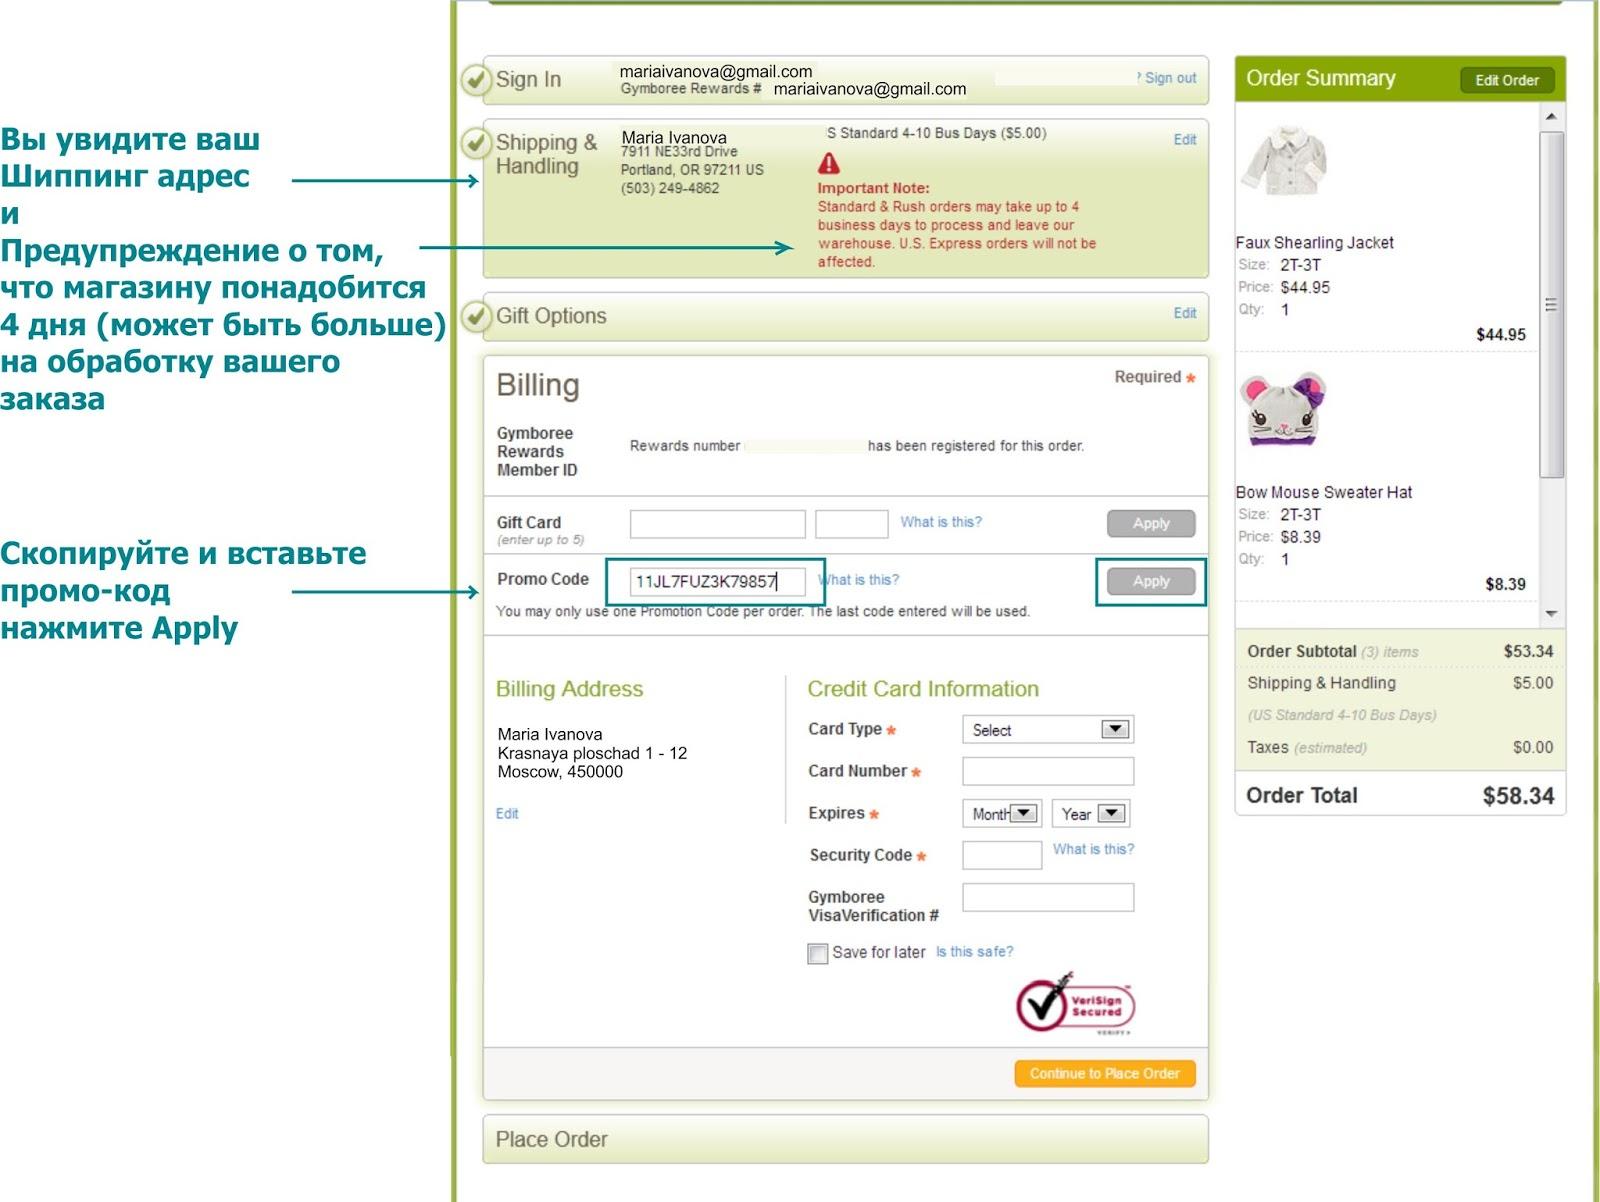 Сделать заказ с сайта gymboree создание сайтов описание градирни